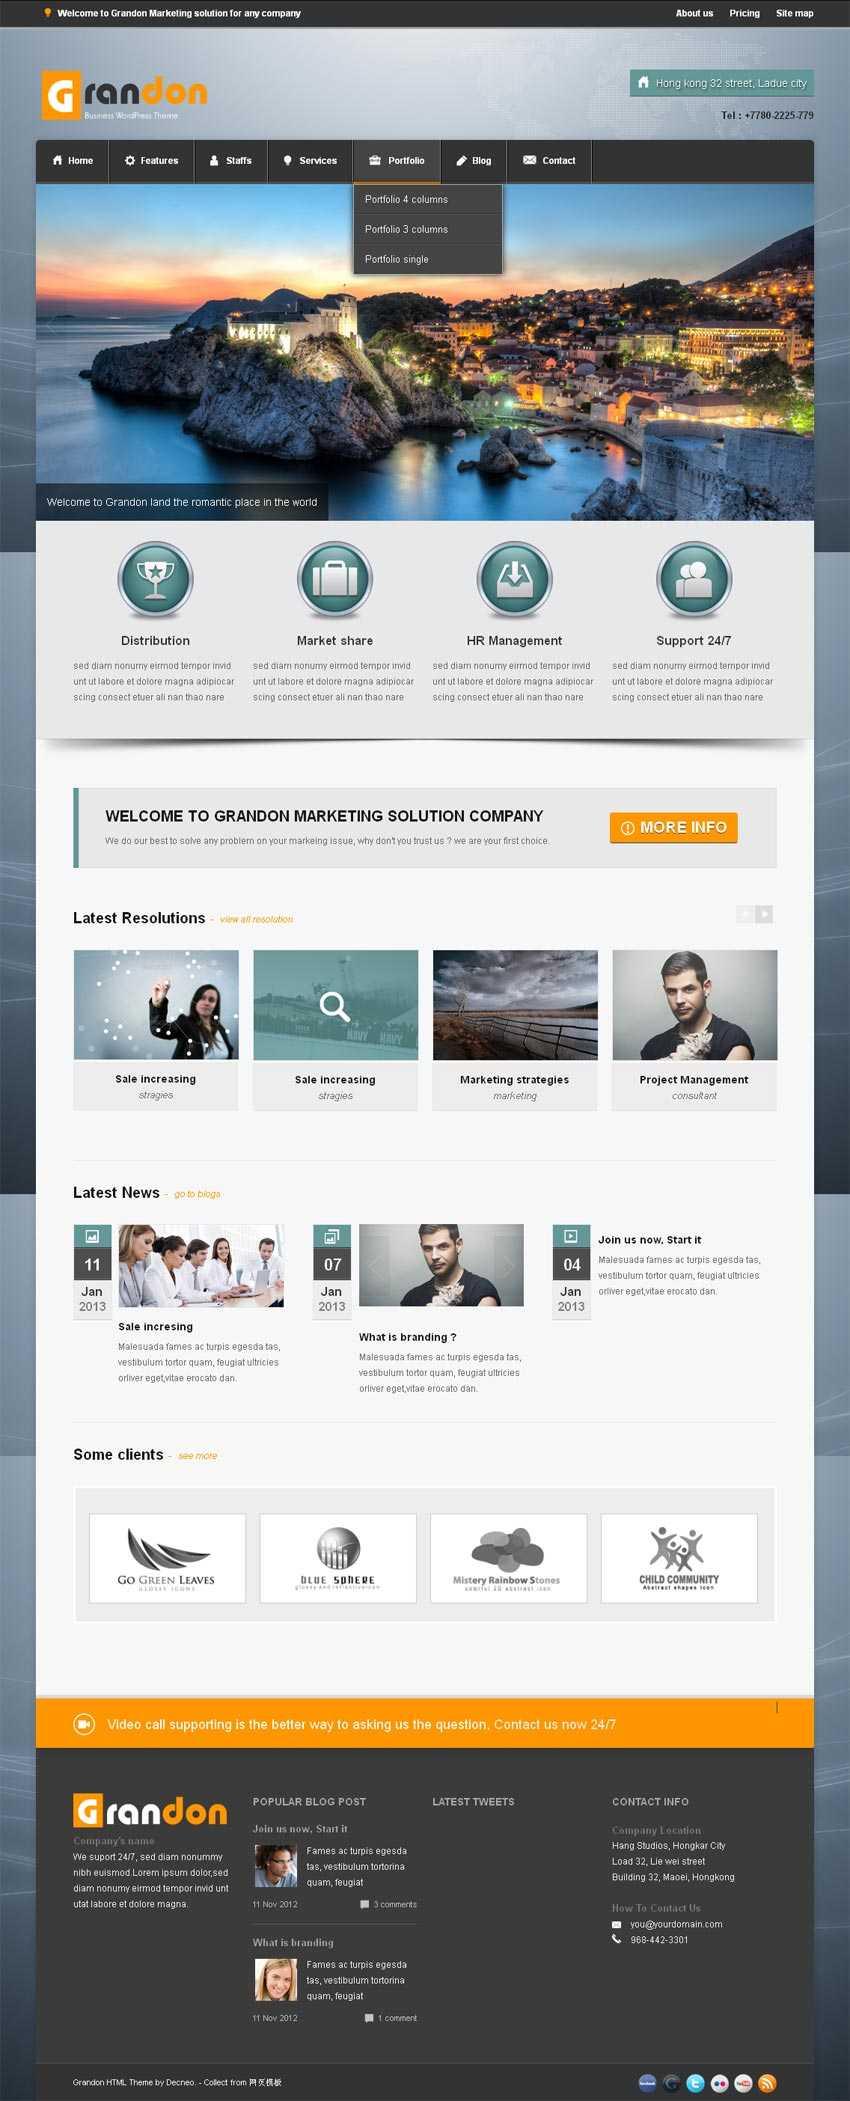 大气的旅游公司网站模板html5响应式模板下载